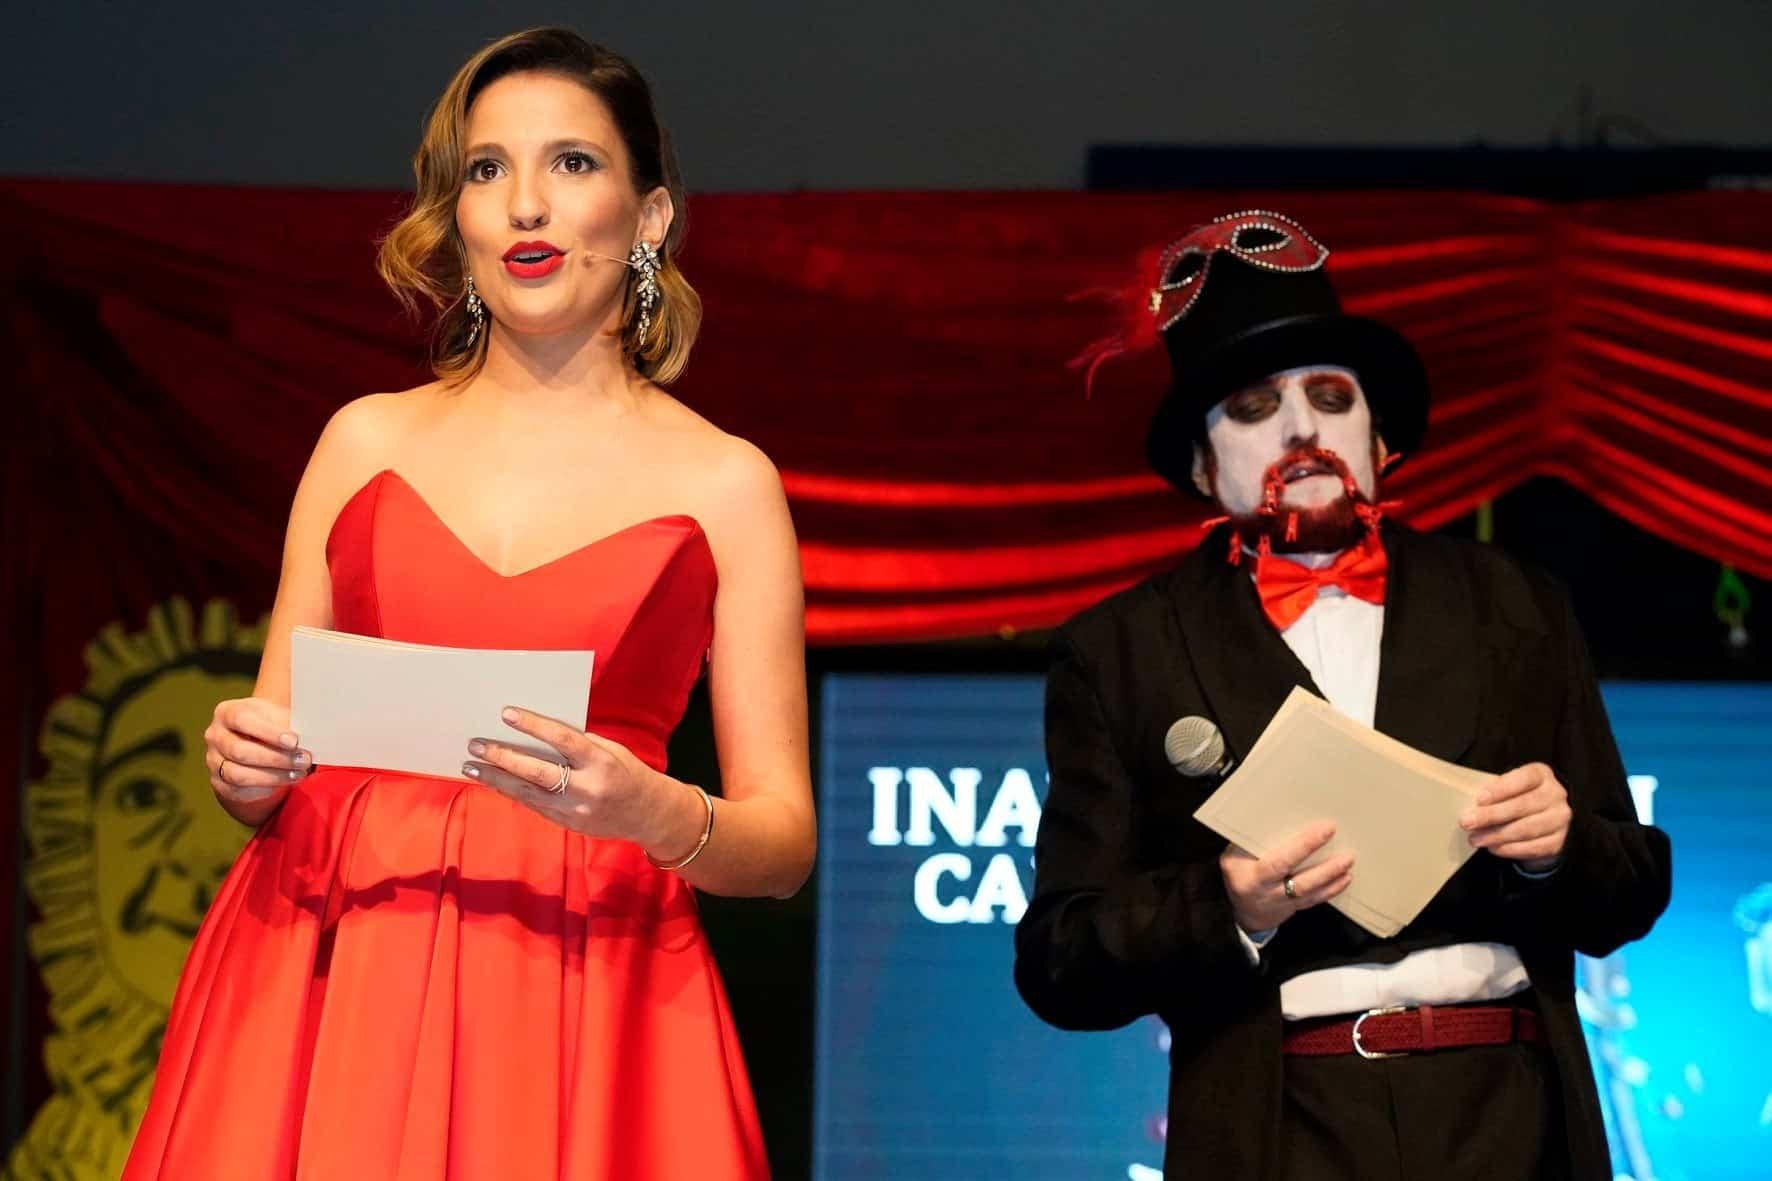 inauguracion carnaval 2020 herencia 7 - Inauguración del Carnaval de Herencia 2020